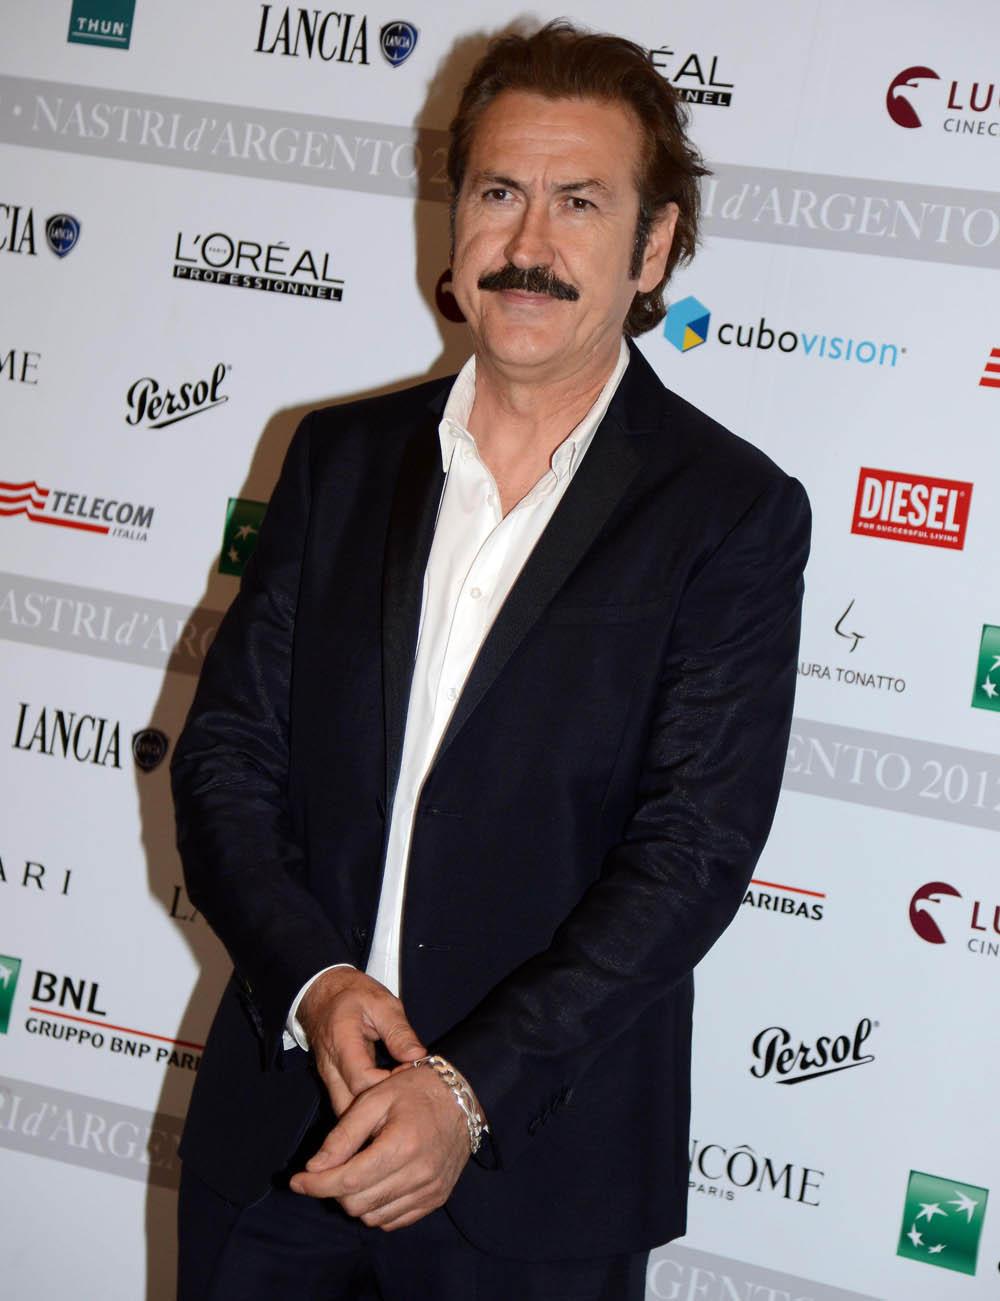 Nastri d'argento 2012, è sfida tra Giordana e Ozpetek - Marco Giallini al photocall dei Nastri d'argento 2012.